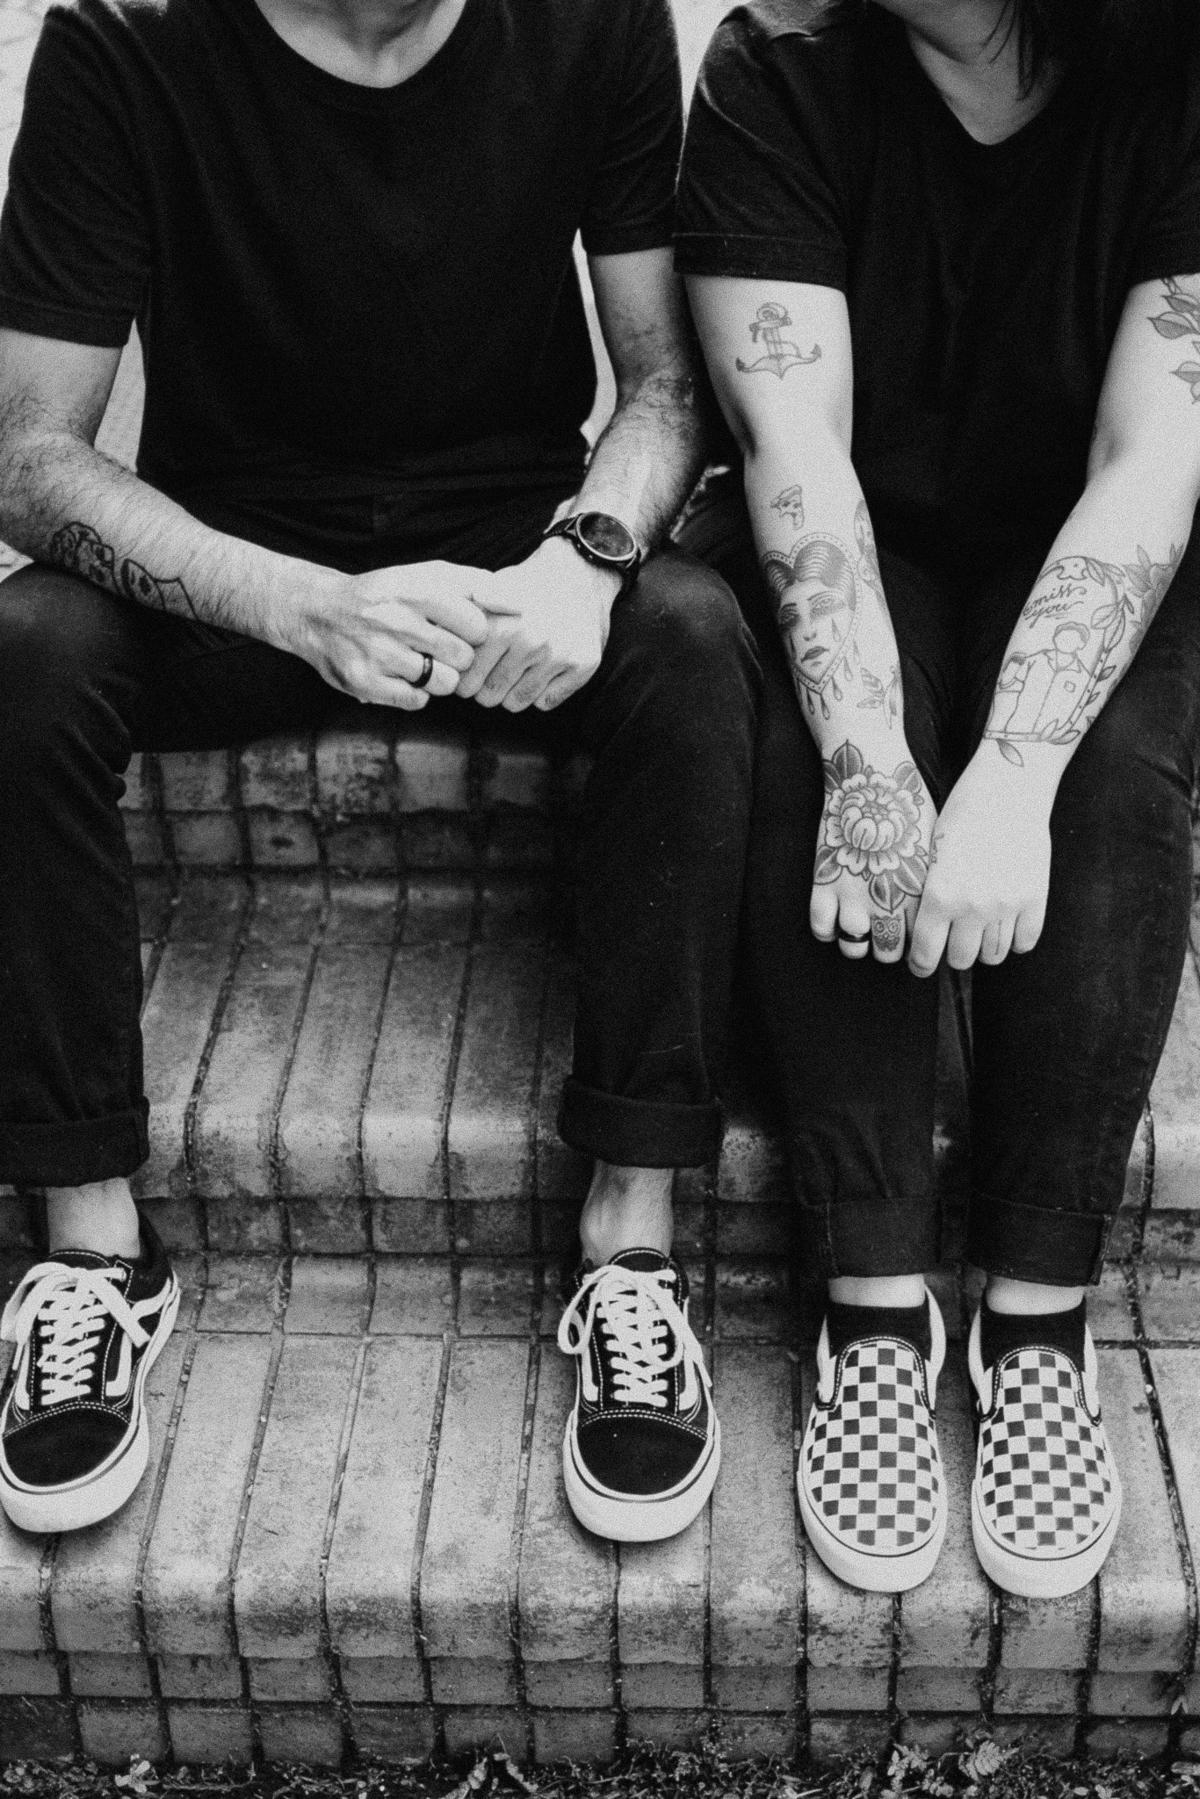 ensaio casal pre wedding no parque fotografia de casamento casal tatuado sorrindo horto florestal sao paulo fotos por caio henrique caioh foto casal estilo